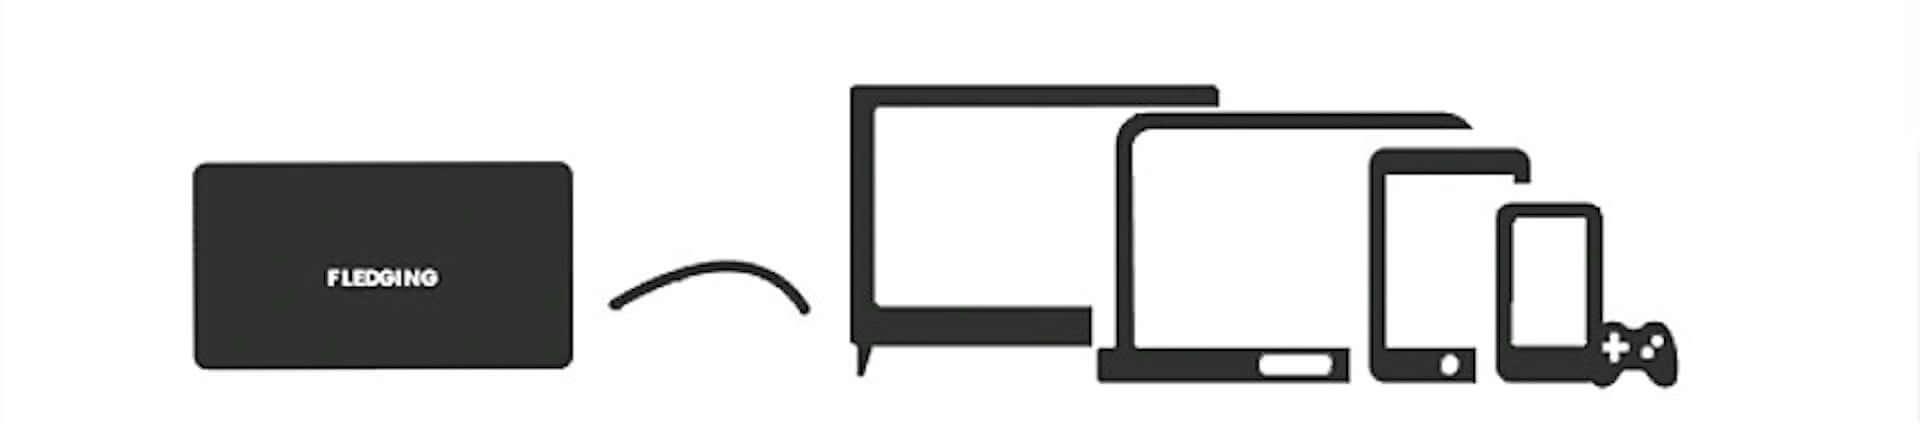 USBポートのあるすべての端末と接続可能!世界最速の外部ストレージデバイス「FLEDGING SHELL」がGLOTUREに登場 tech190910_fledgingshell_5-1920x432